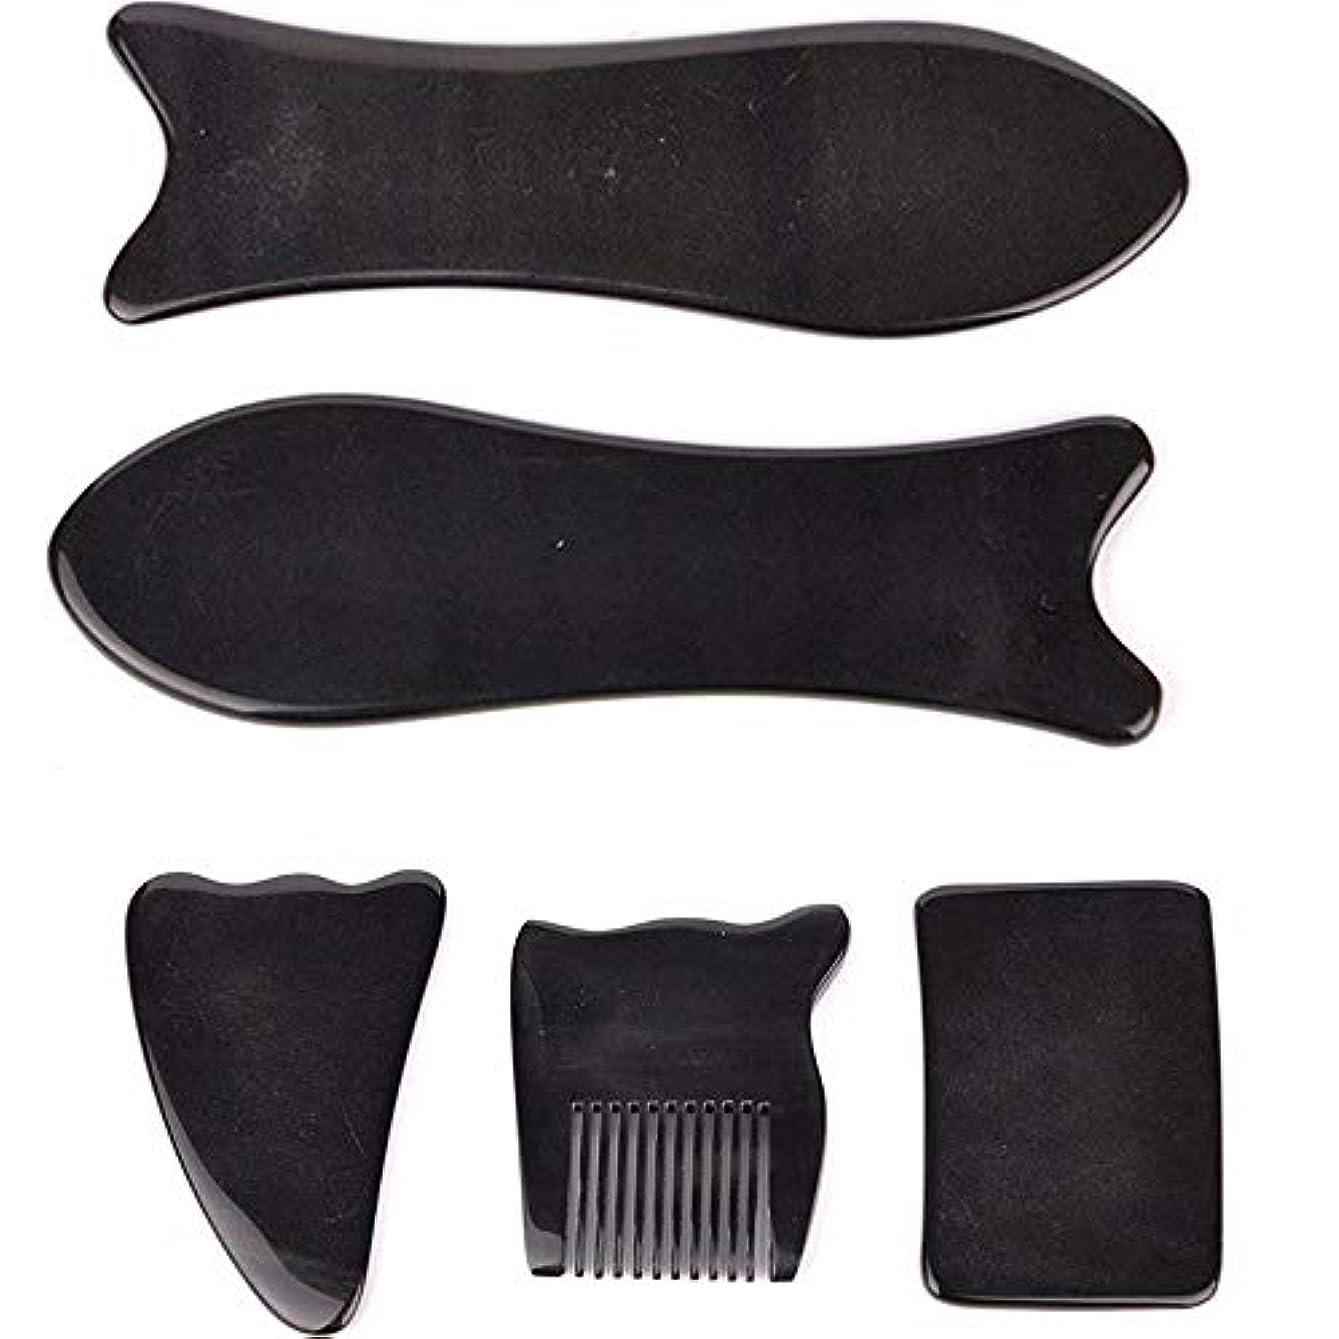 れるしつけペーストEcho & Kern 5点セット中国伝統かっさ美容マッサージ板 水牛角かっさプレートBLACK OX HORN 5 PCS optik Natural Water Buffalo Horn Gua Sha Board-Reduce...